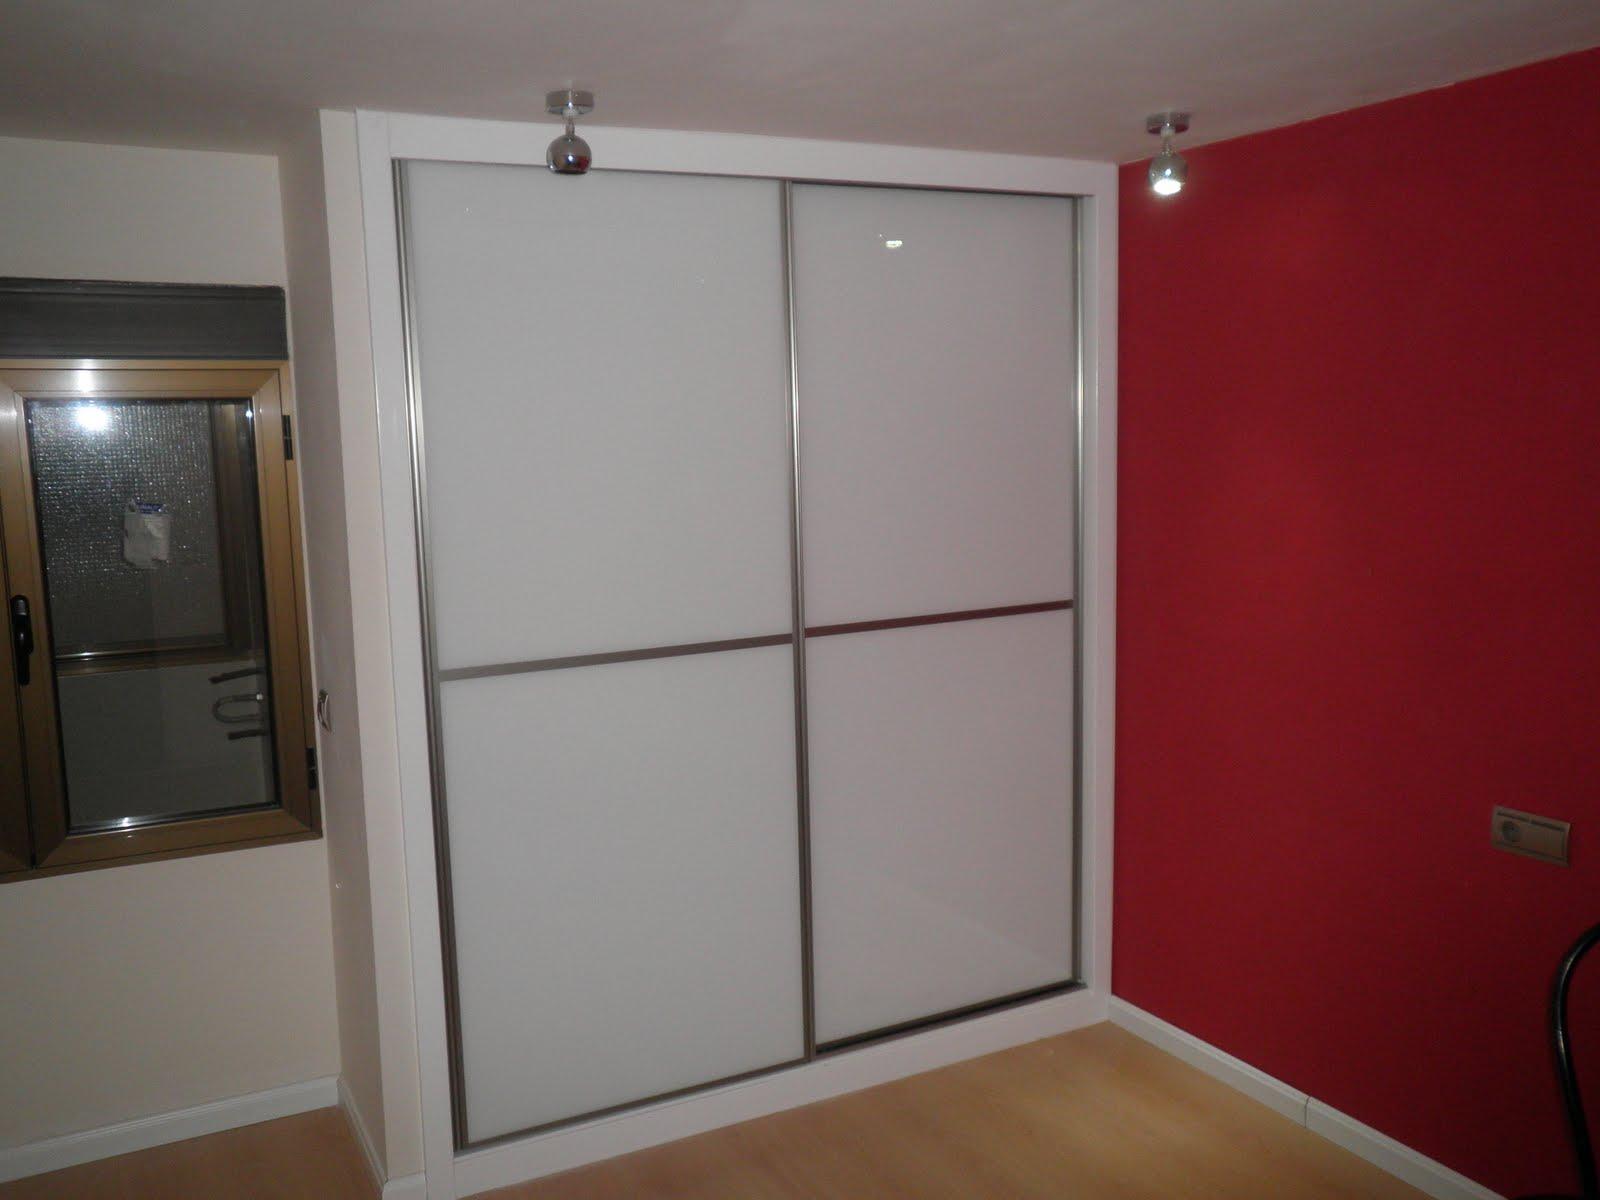 Decoraciones sahuquillo armario puertas correderas cristal - Armarios de cristal ...